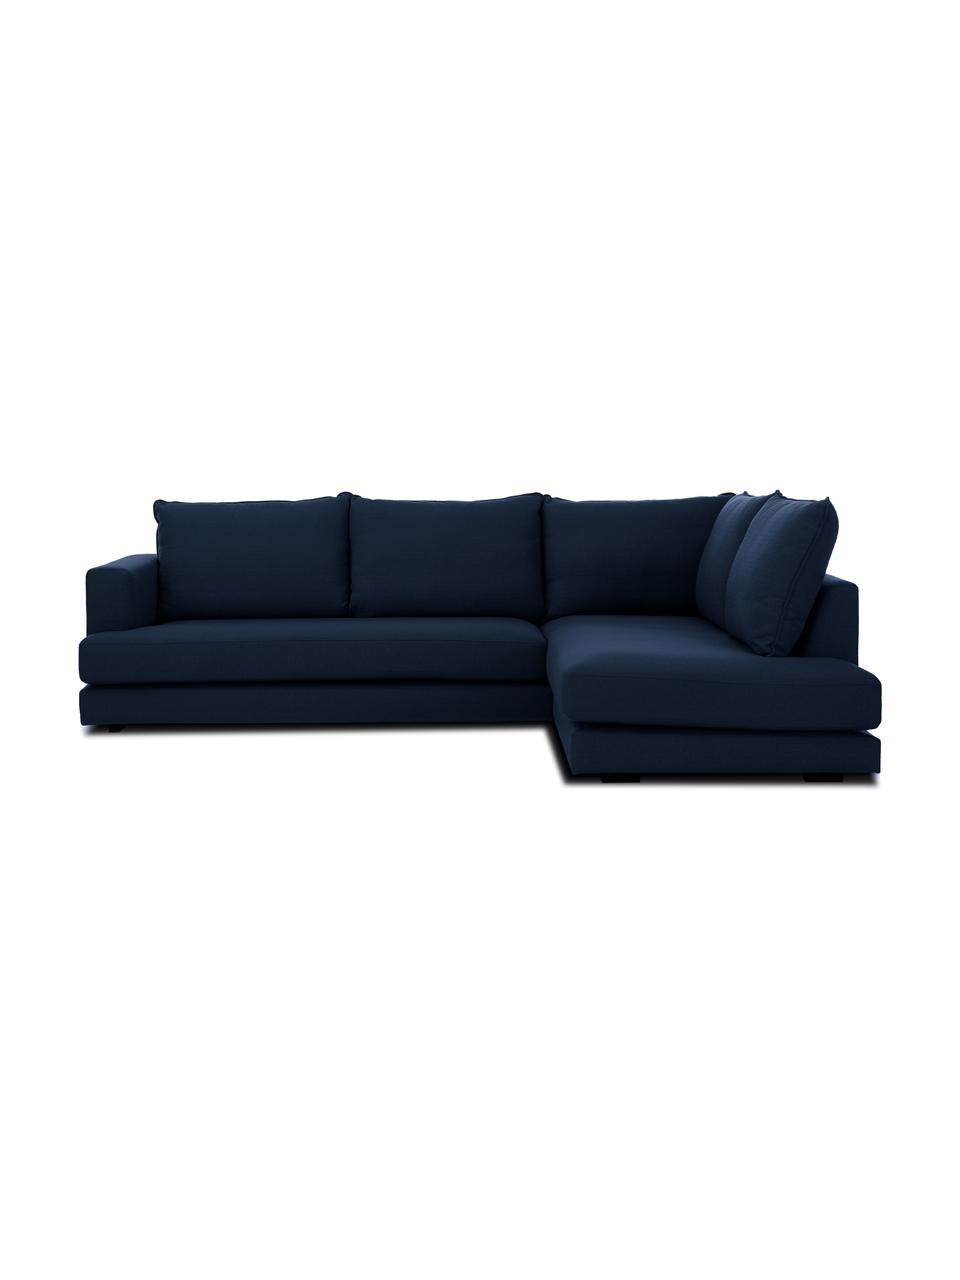 Sofa narożna Tribeca, Tapicerka: poliester Dzięki tkaninie, Stelaż: lite drewno sosnowe, Nogi: lite drewno bukowe, lakie, Ciemny niebieski, S 274 x G 192 cm